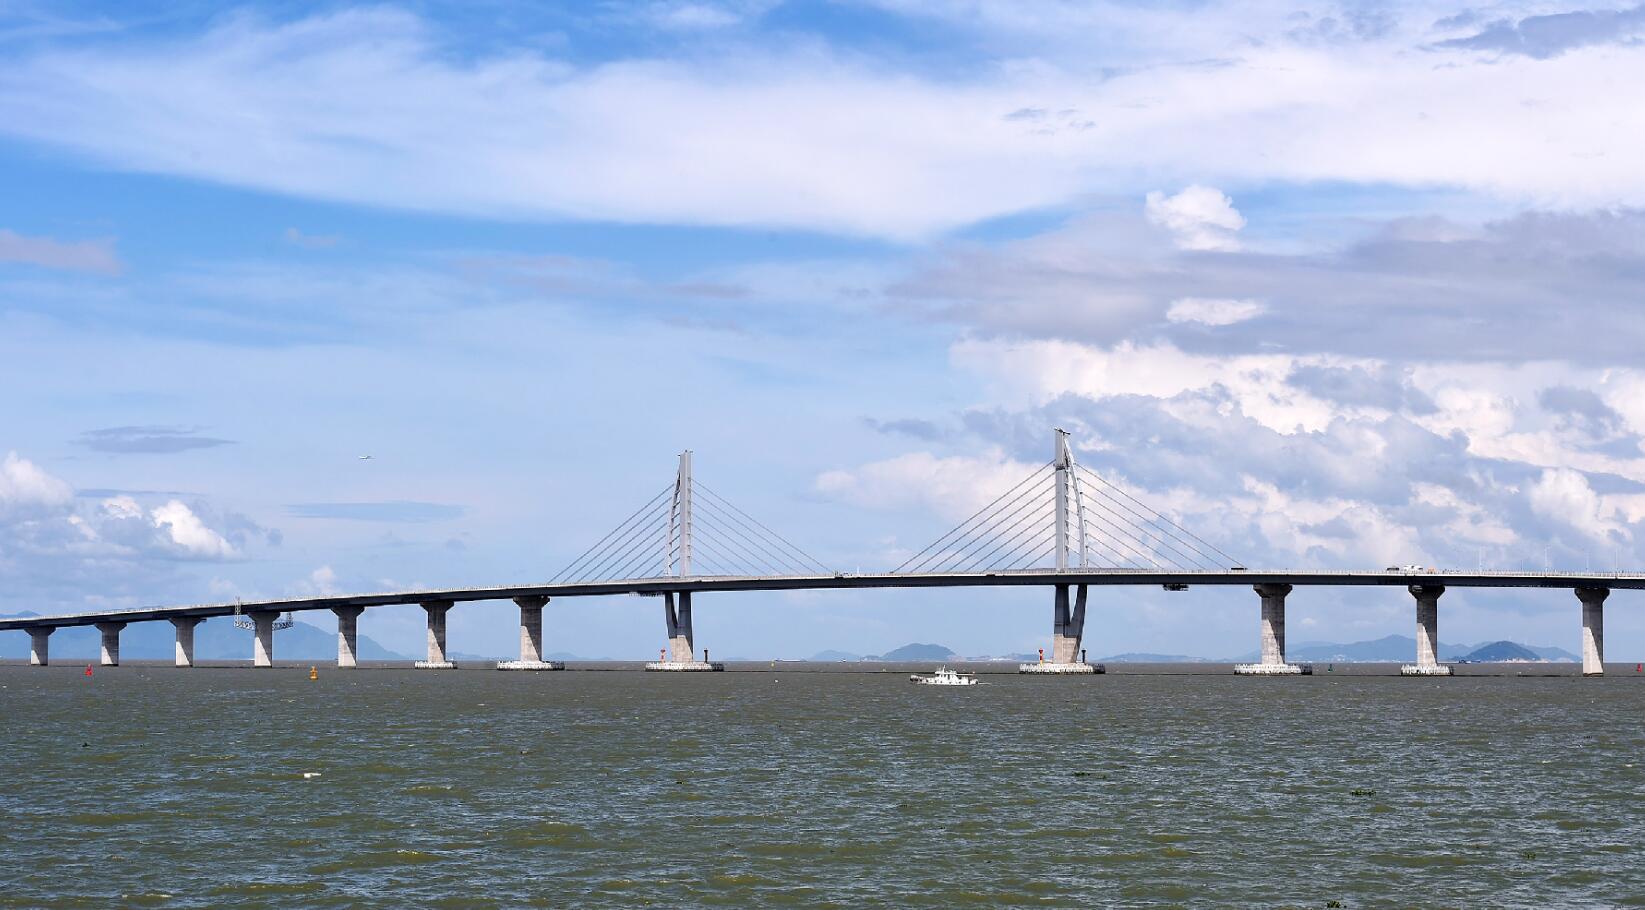 集 超级工程 港珠澳大桥主体全线贯通